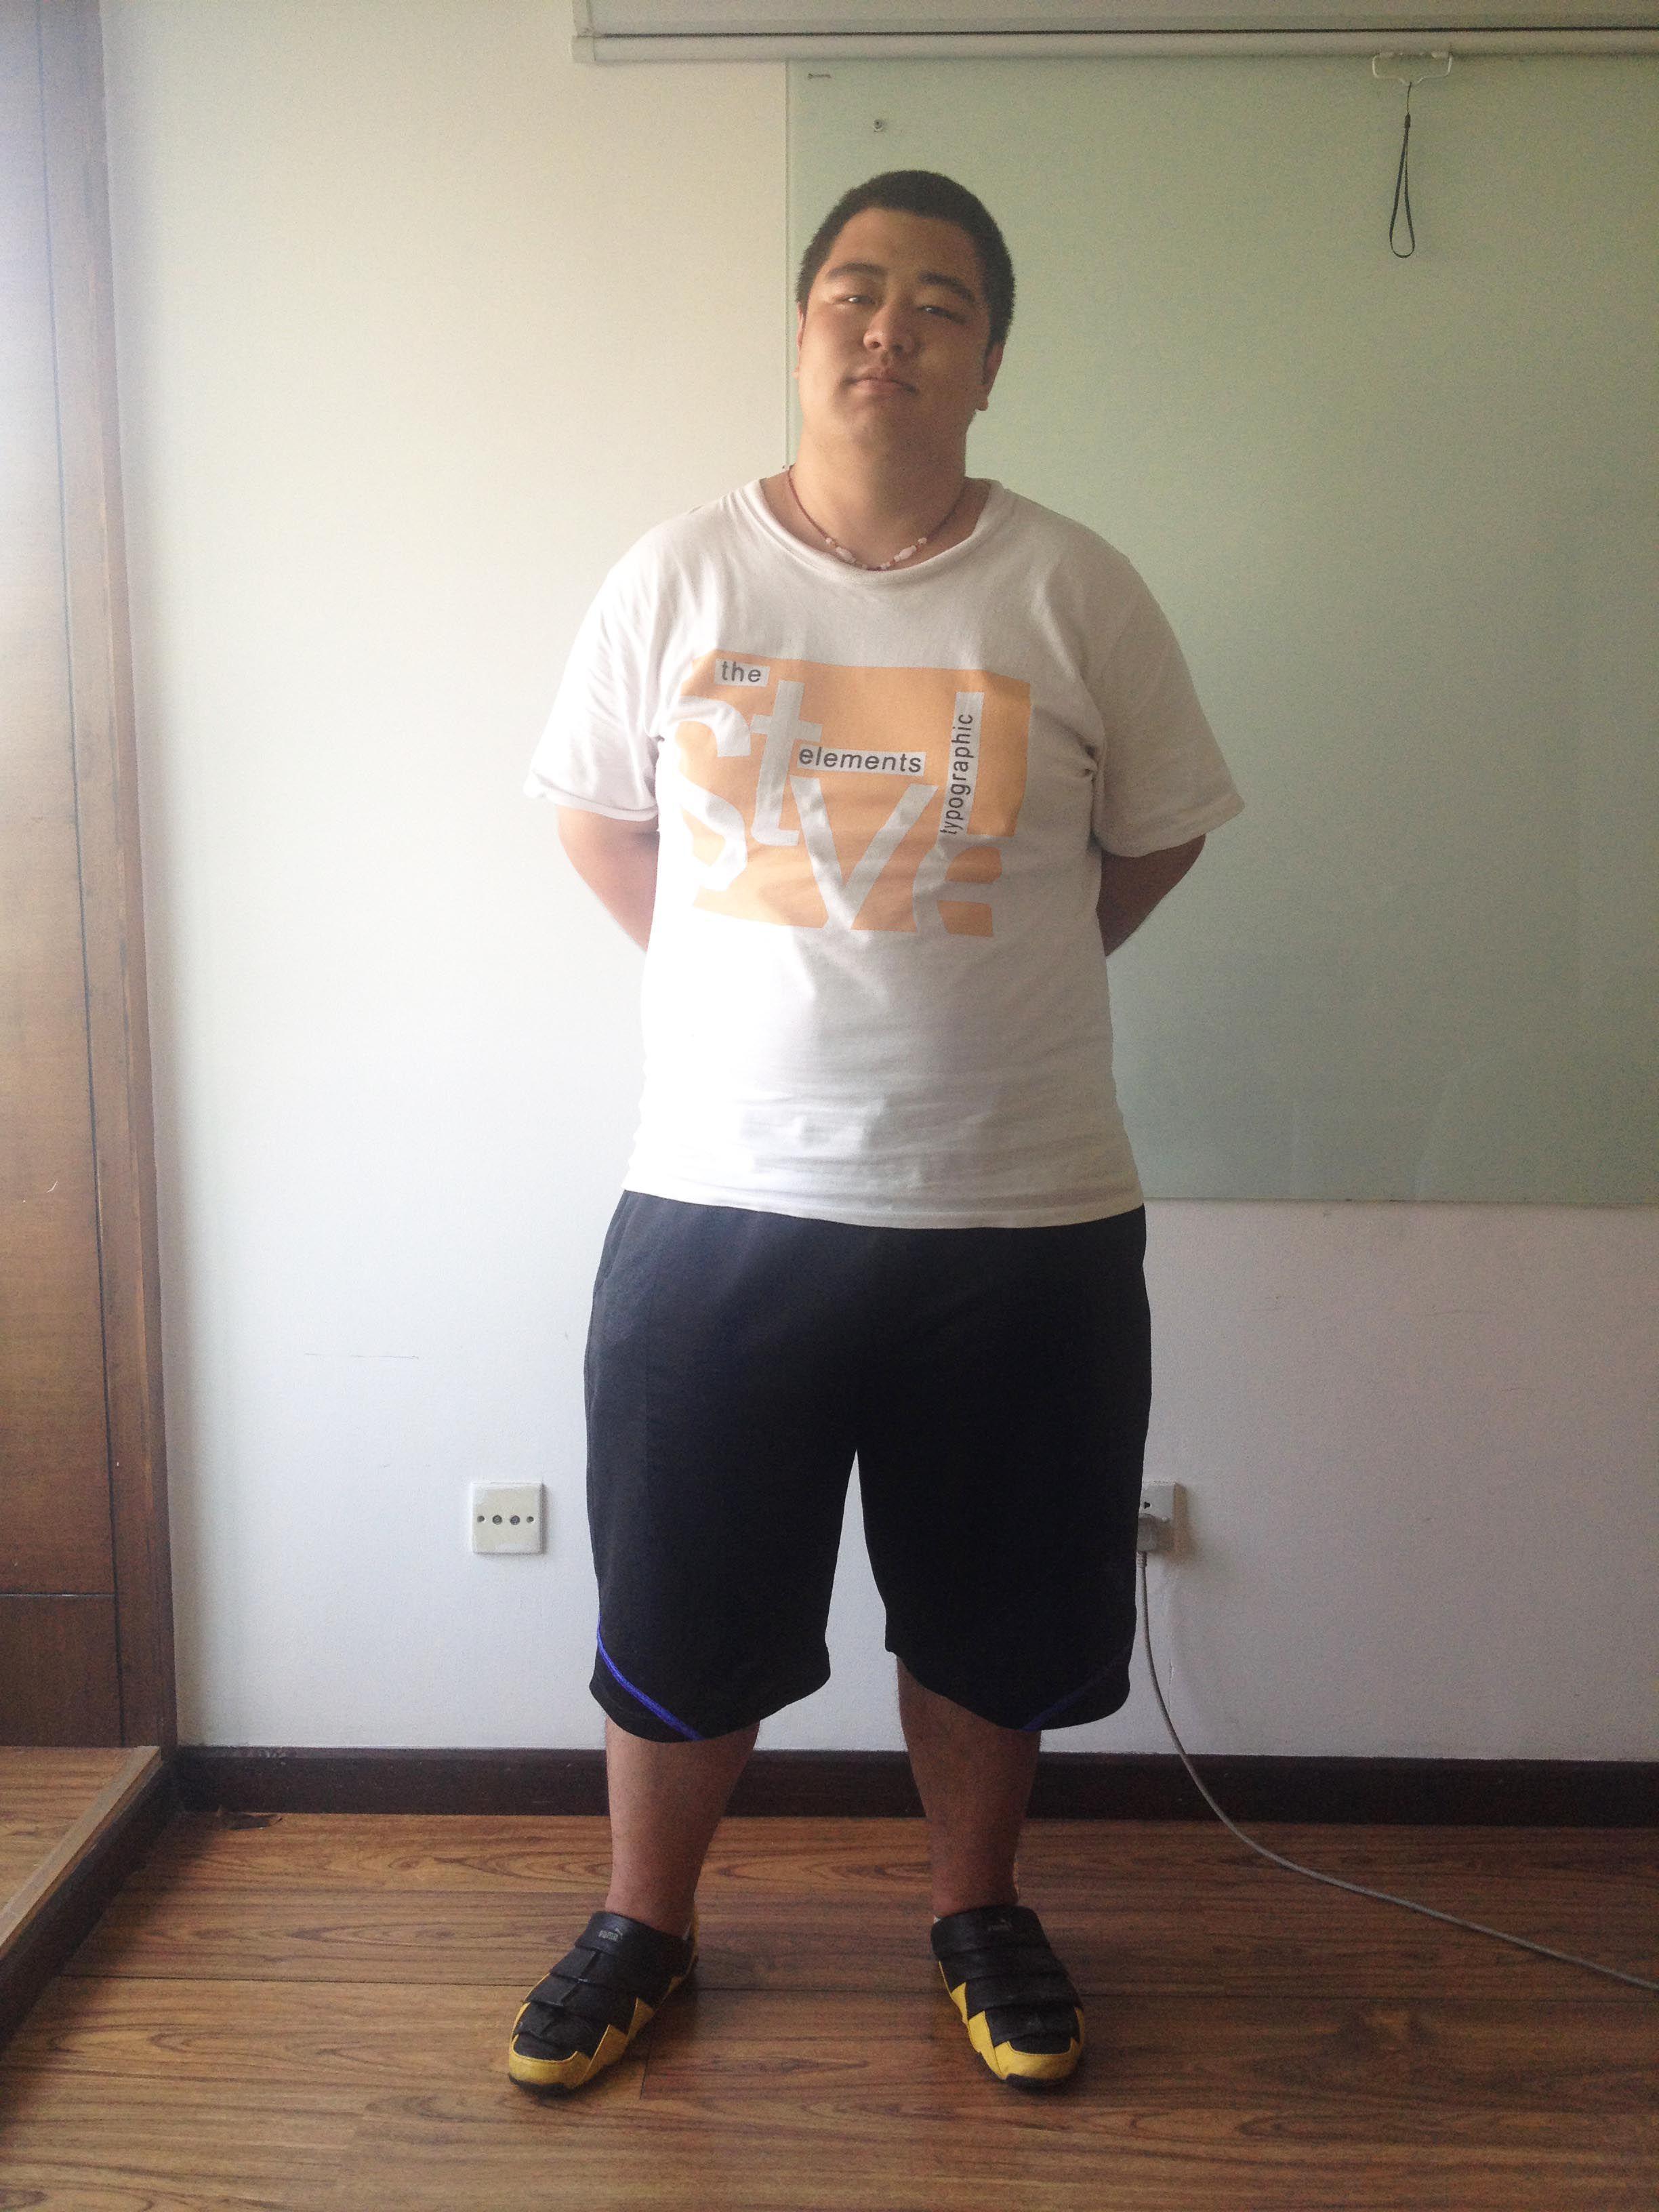 胖人穿什么样的衬衫_胖子该怎么穿呢?本人大学生一枚,宅男。_百度知道